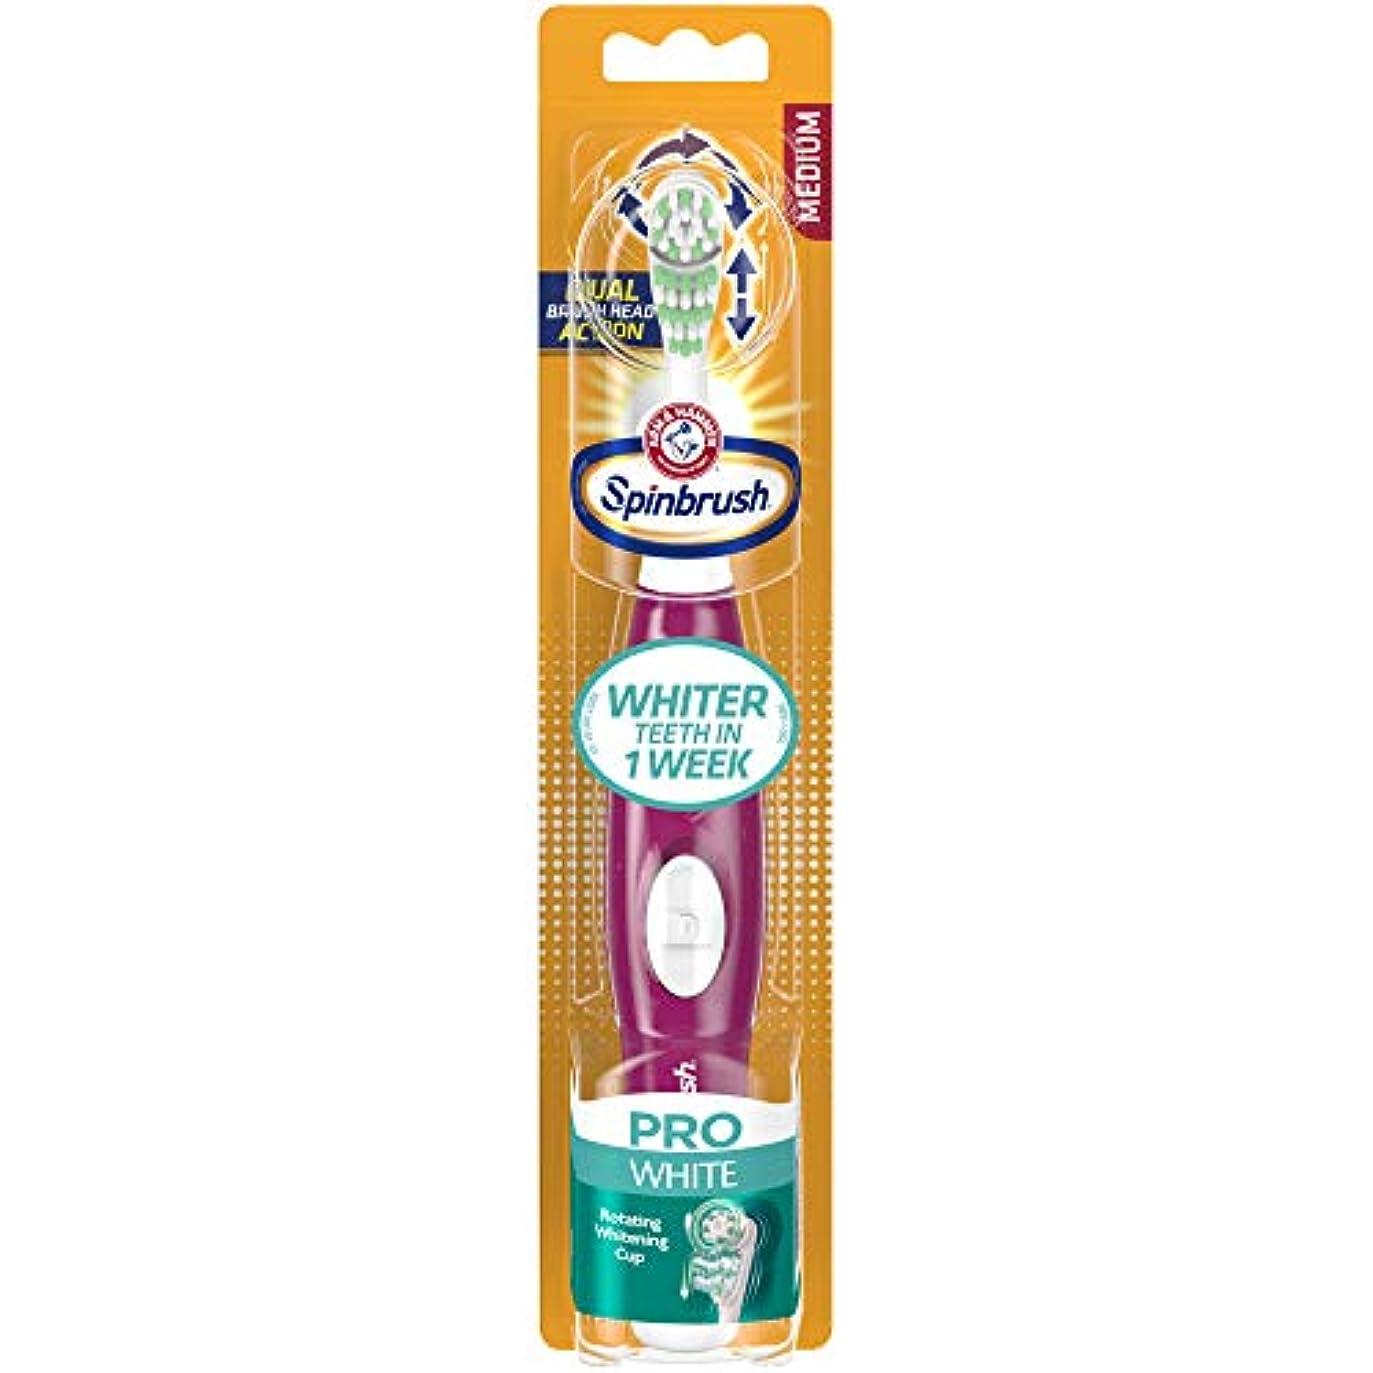 革命きょうだい誇張するSpinbrush プロシリーズウルトラホワイト歯ブラシ、中1 Eaは 中